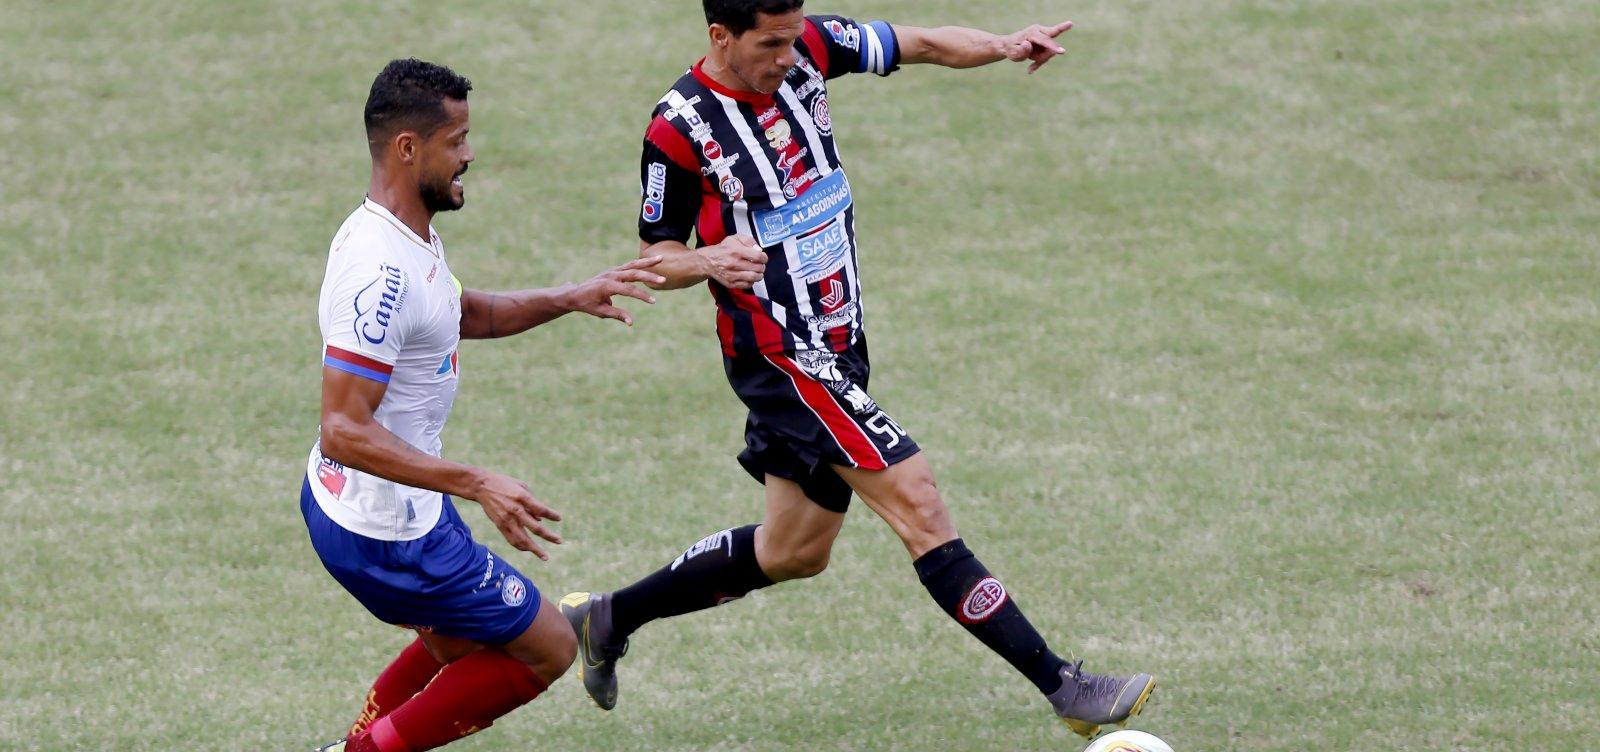 [Bahia sofre derrota para Atlético de Alagoinhas e perde liderança do Baianão]